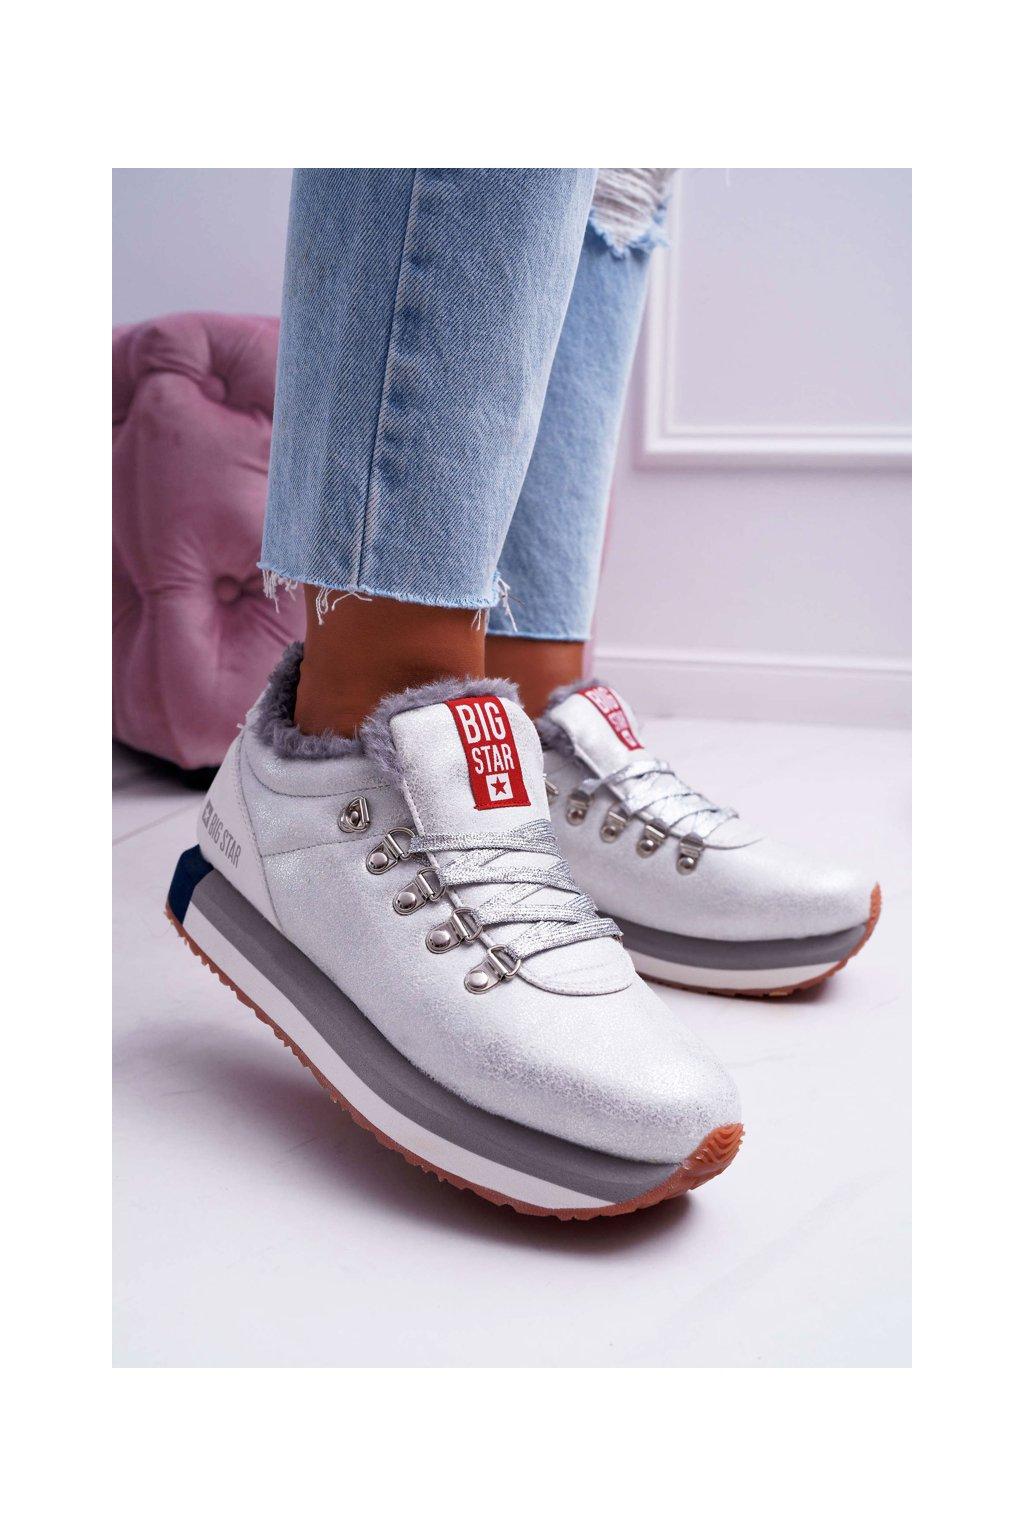 Dámska športová obuv B. Star strieborné EE274731